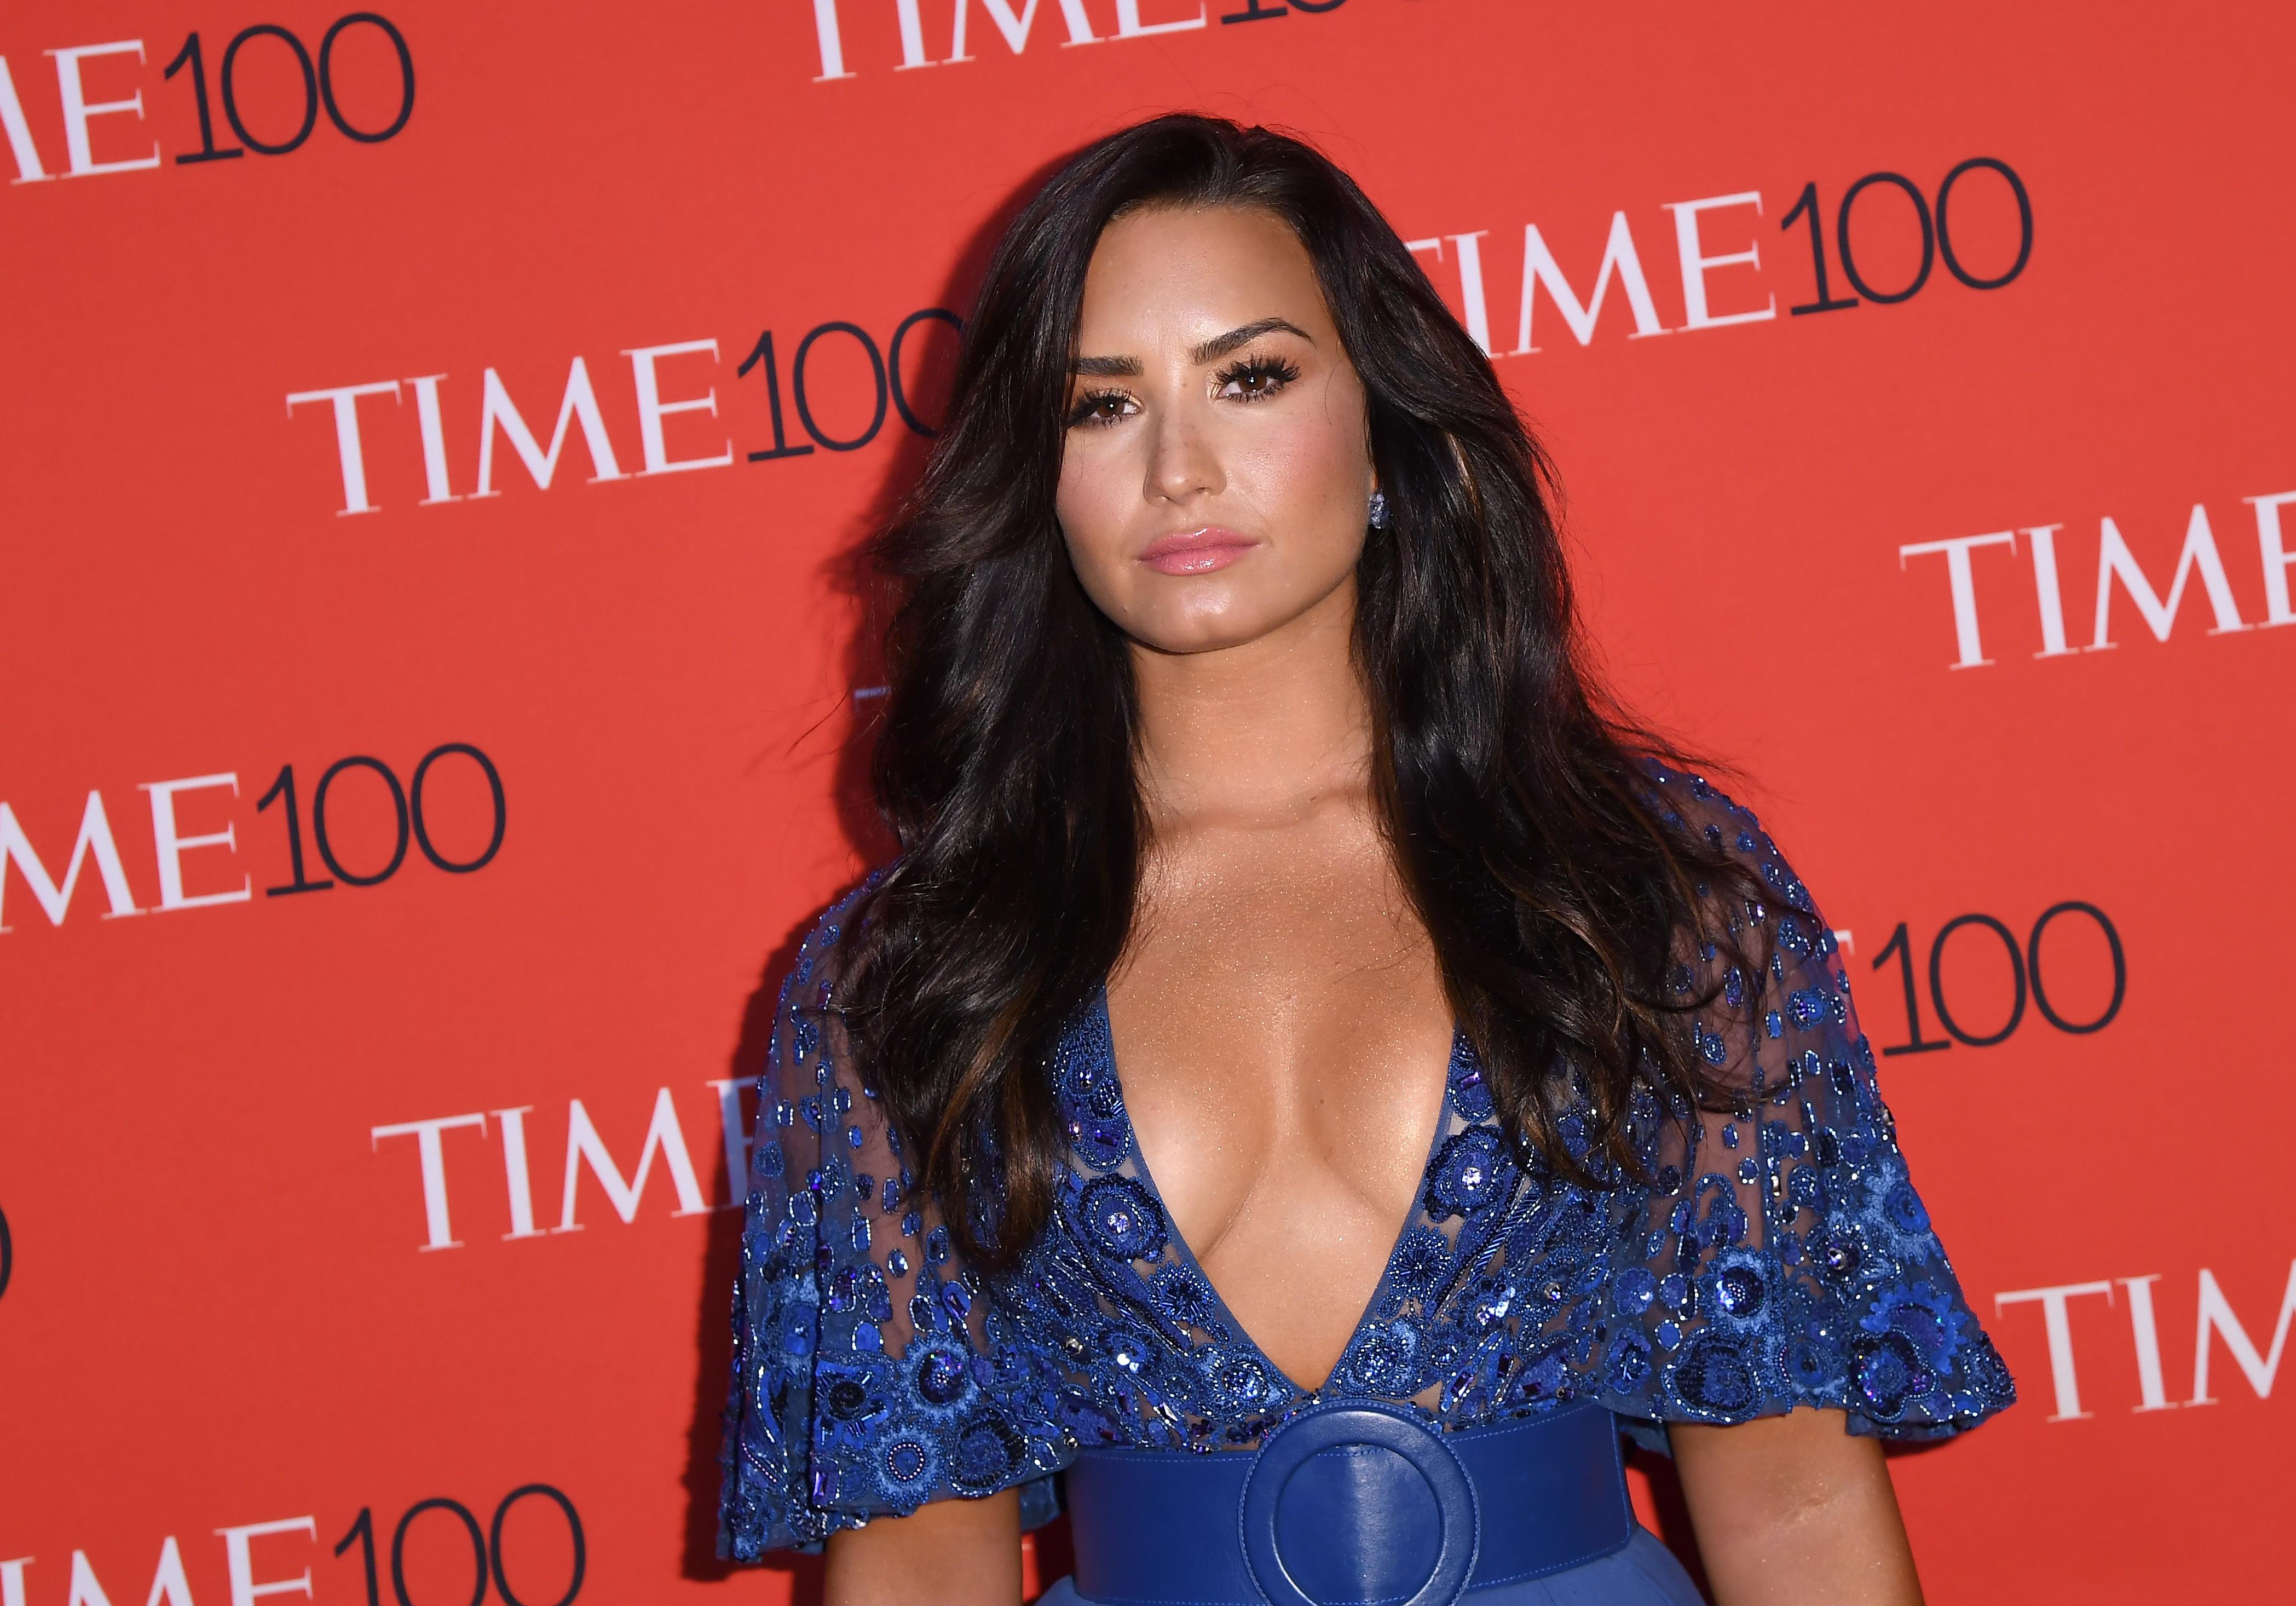 Herointúladagolás miatt került kórházba Demi Lovato